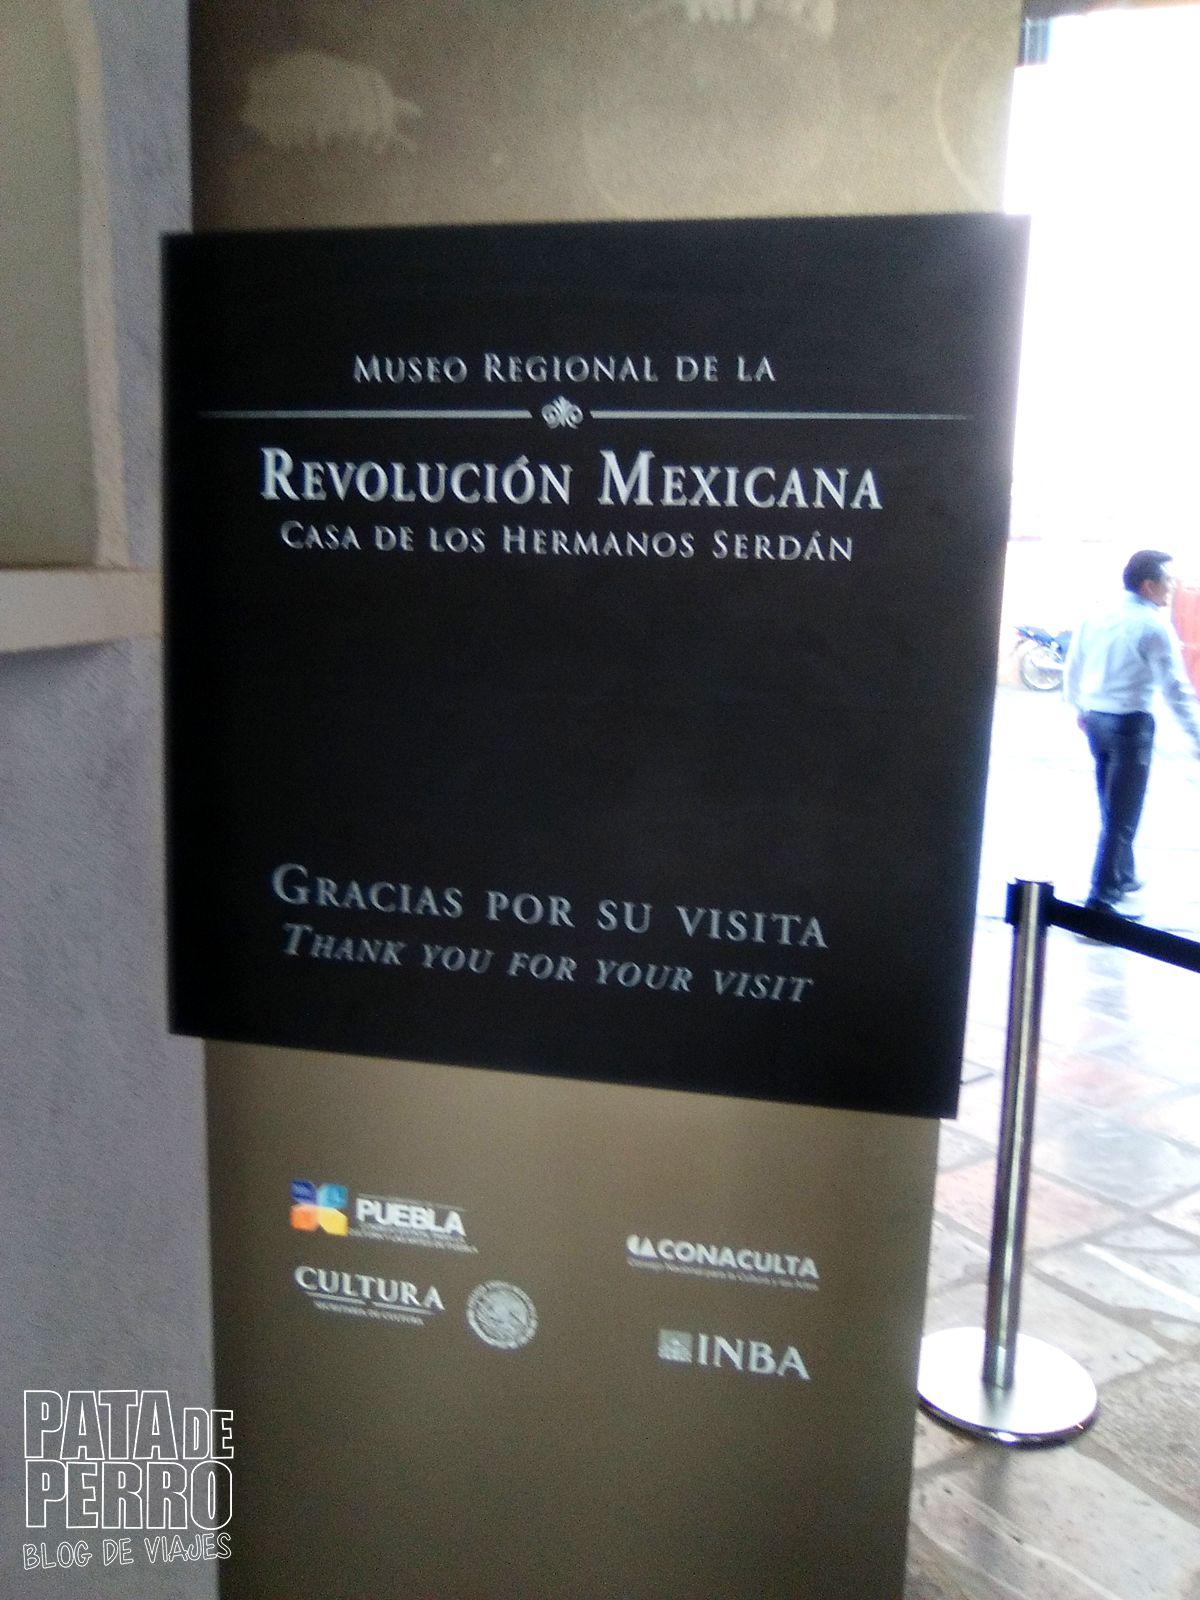 museo-regional-de-la-revolucion-mexicana-casa-de-los-hermanos-serdan-pata-de-perro-blog-de-viajes32